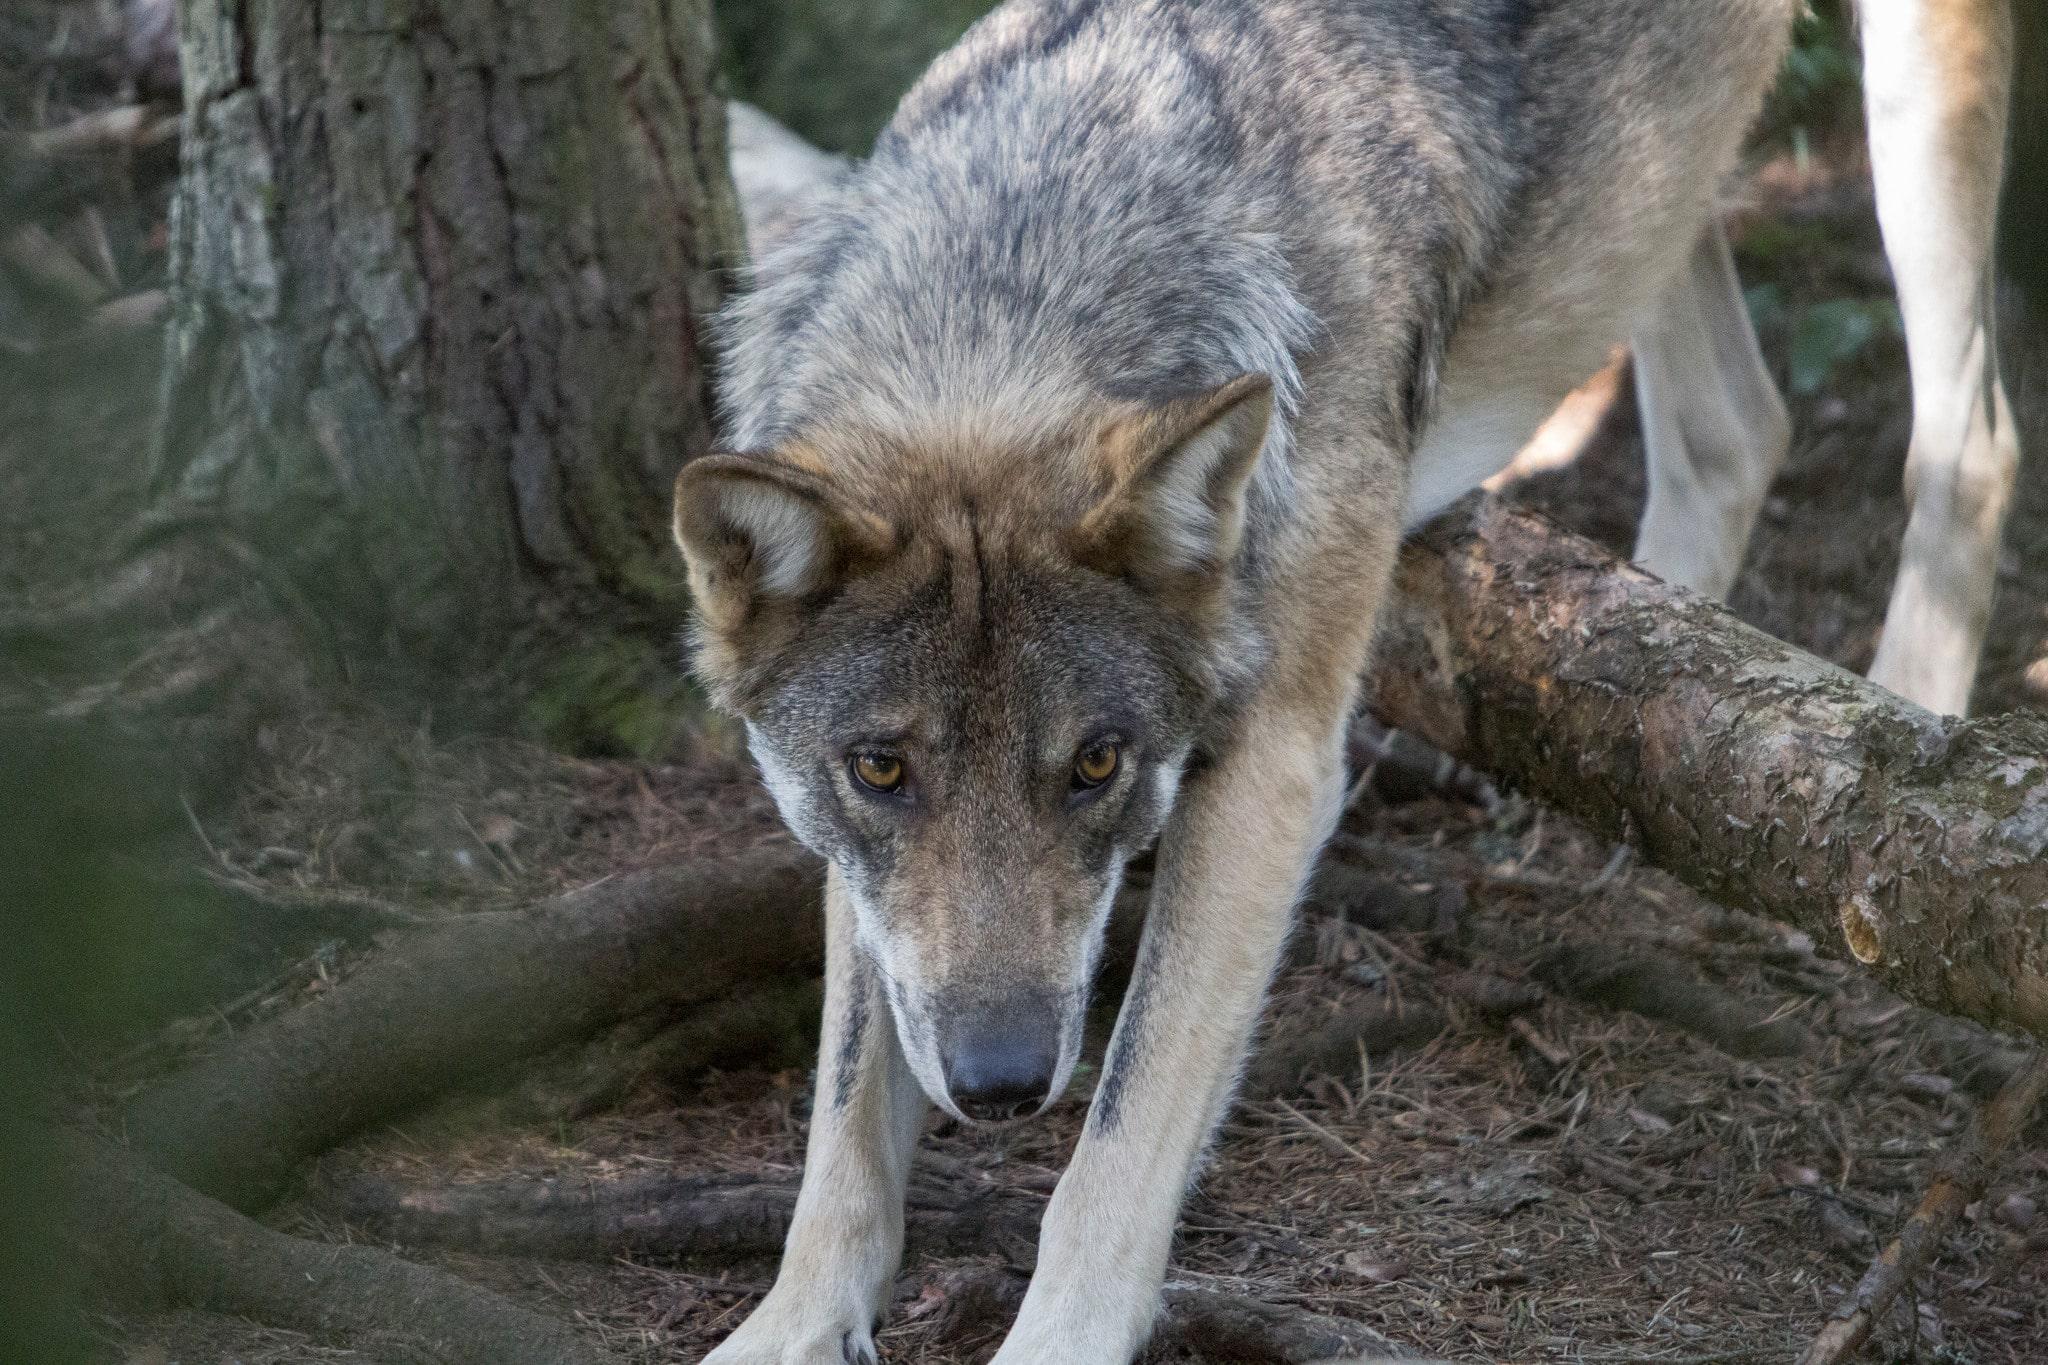 Vargar med okänt genmaterial kommer på sikt att leda till genetiska defekter på de svenska vargarna, anser skribenten. Foto i hägn: Olle Olsson